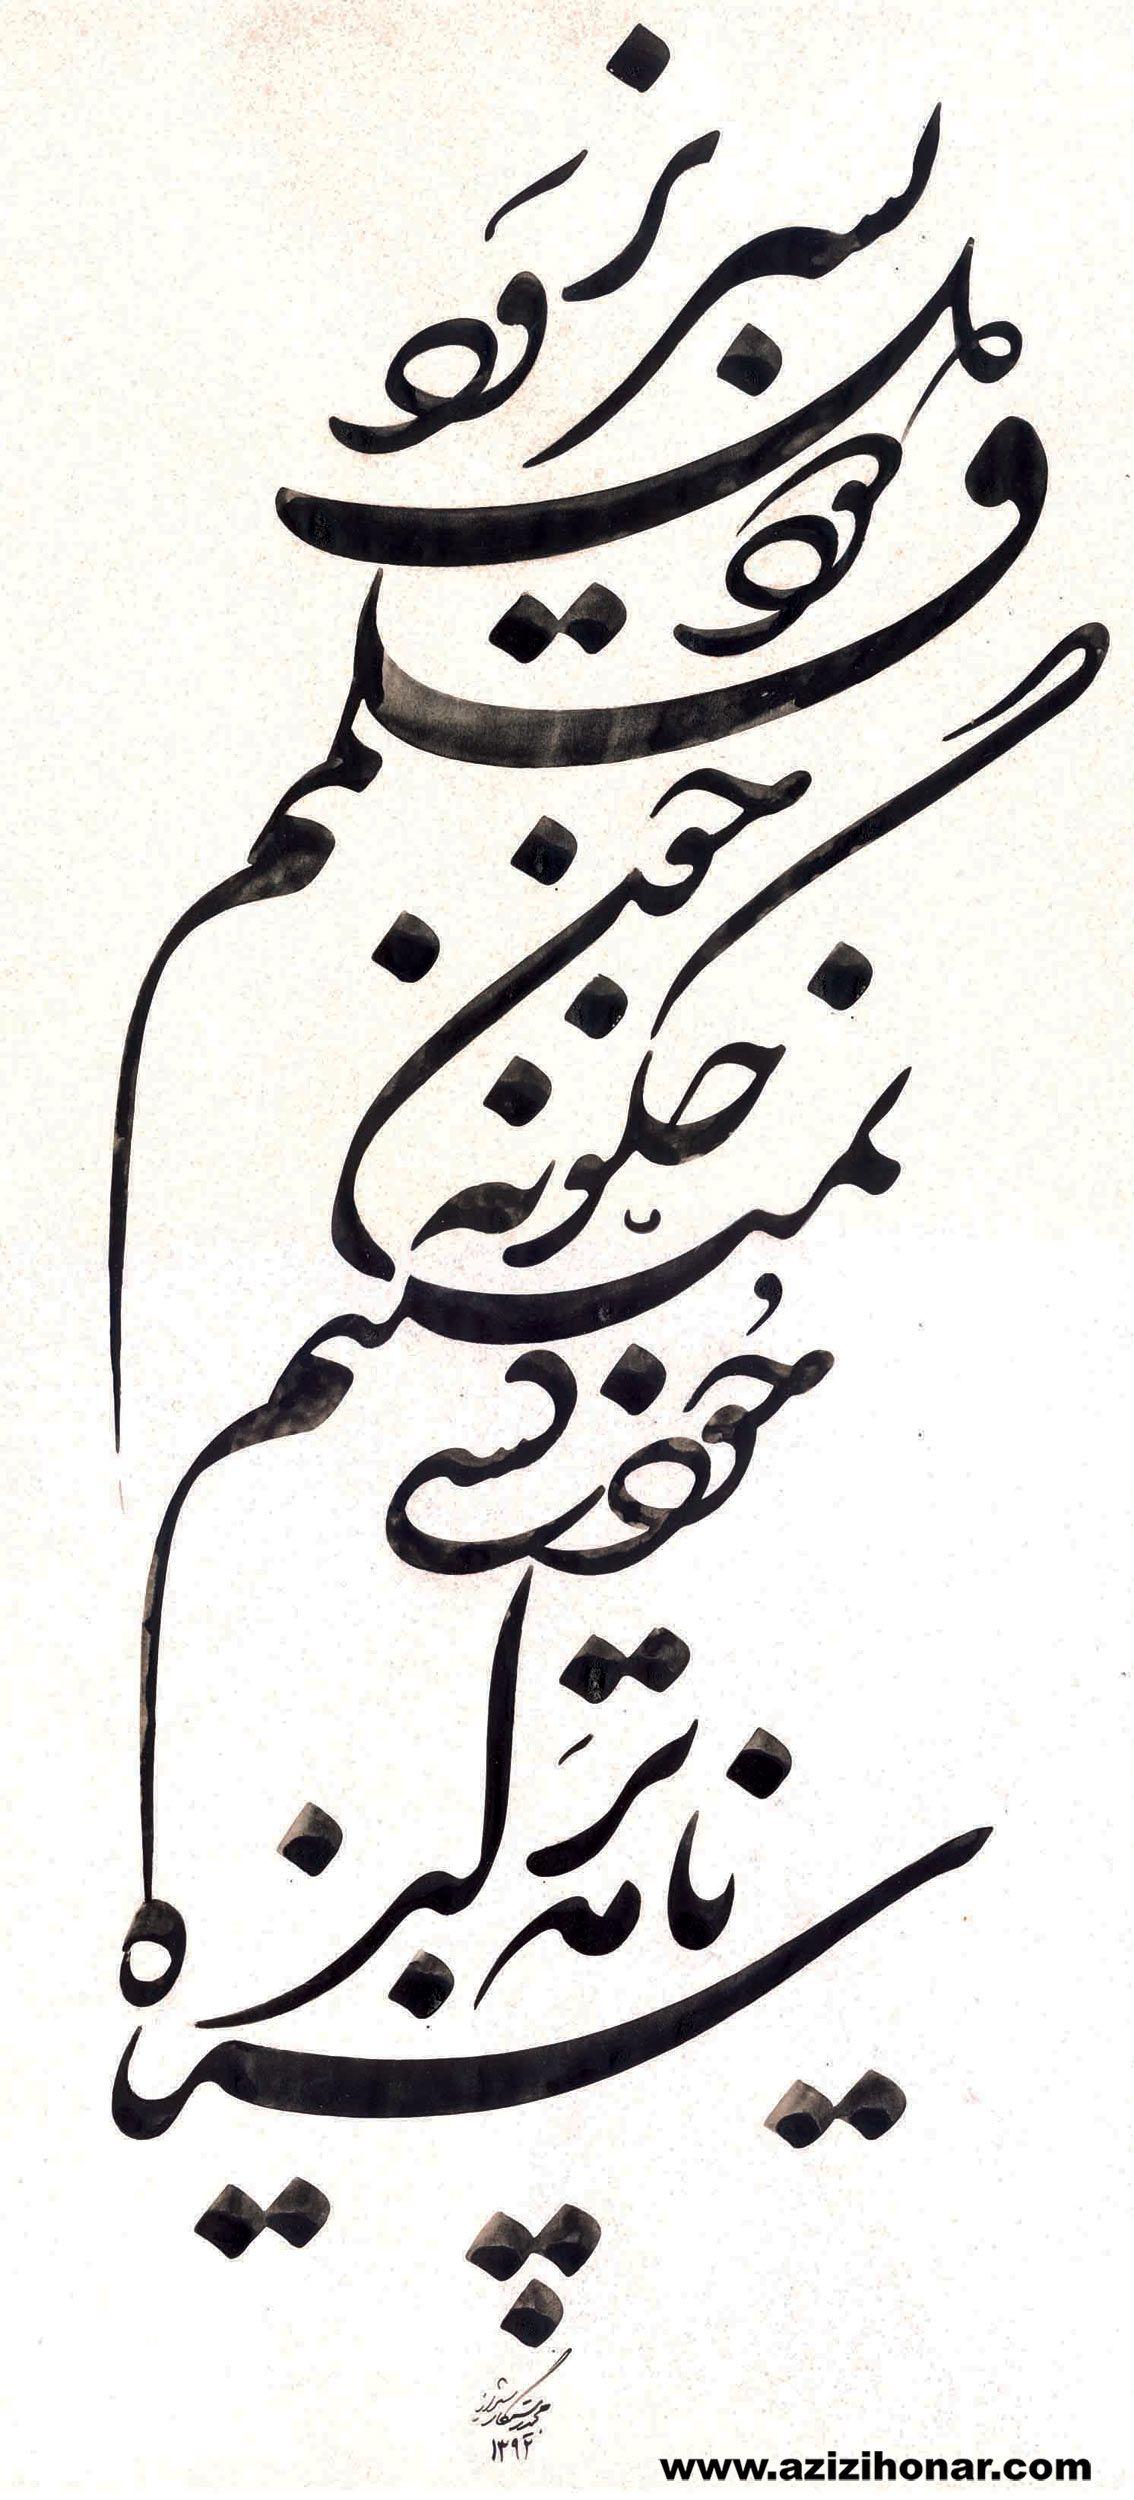 چند اثر خوشنویسی به خط شکسته نستعلیق توسط استاد مجید رستگار از استان فارس شیراز Persian Calligraphy Farsi Calligraphy Art Persian Calligraphy Typography